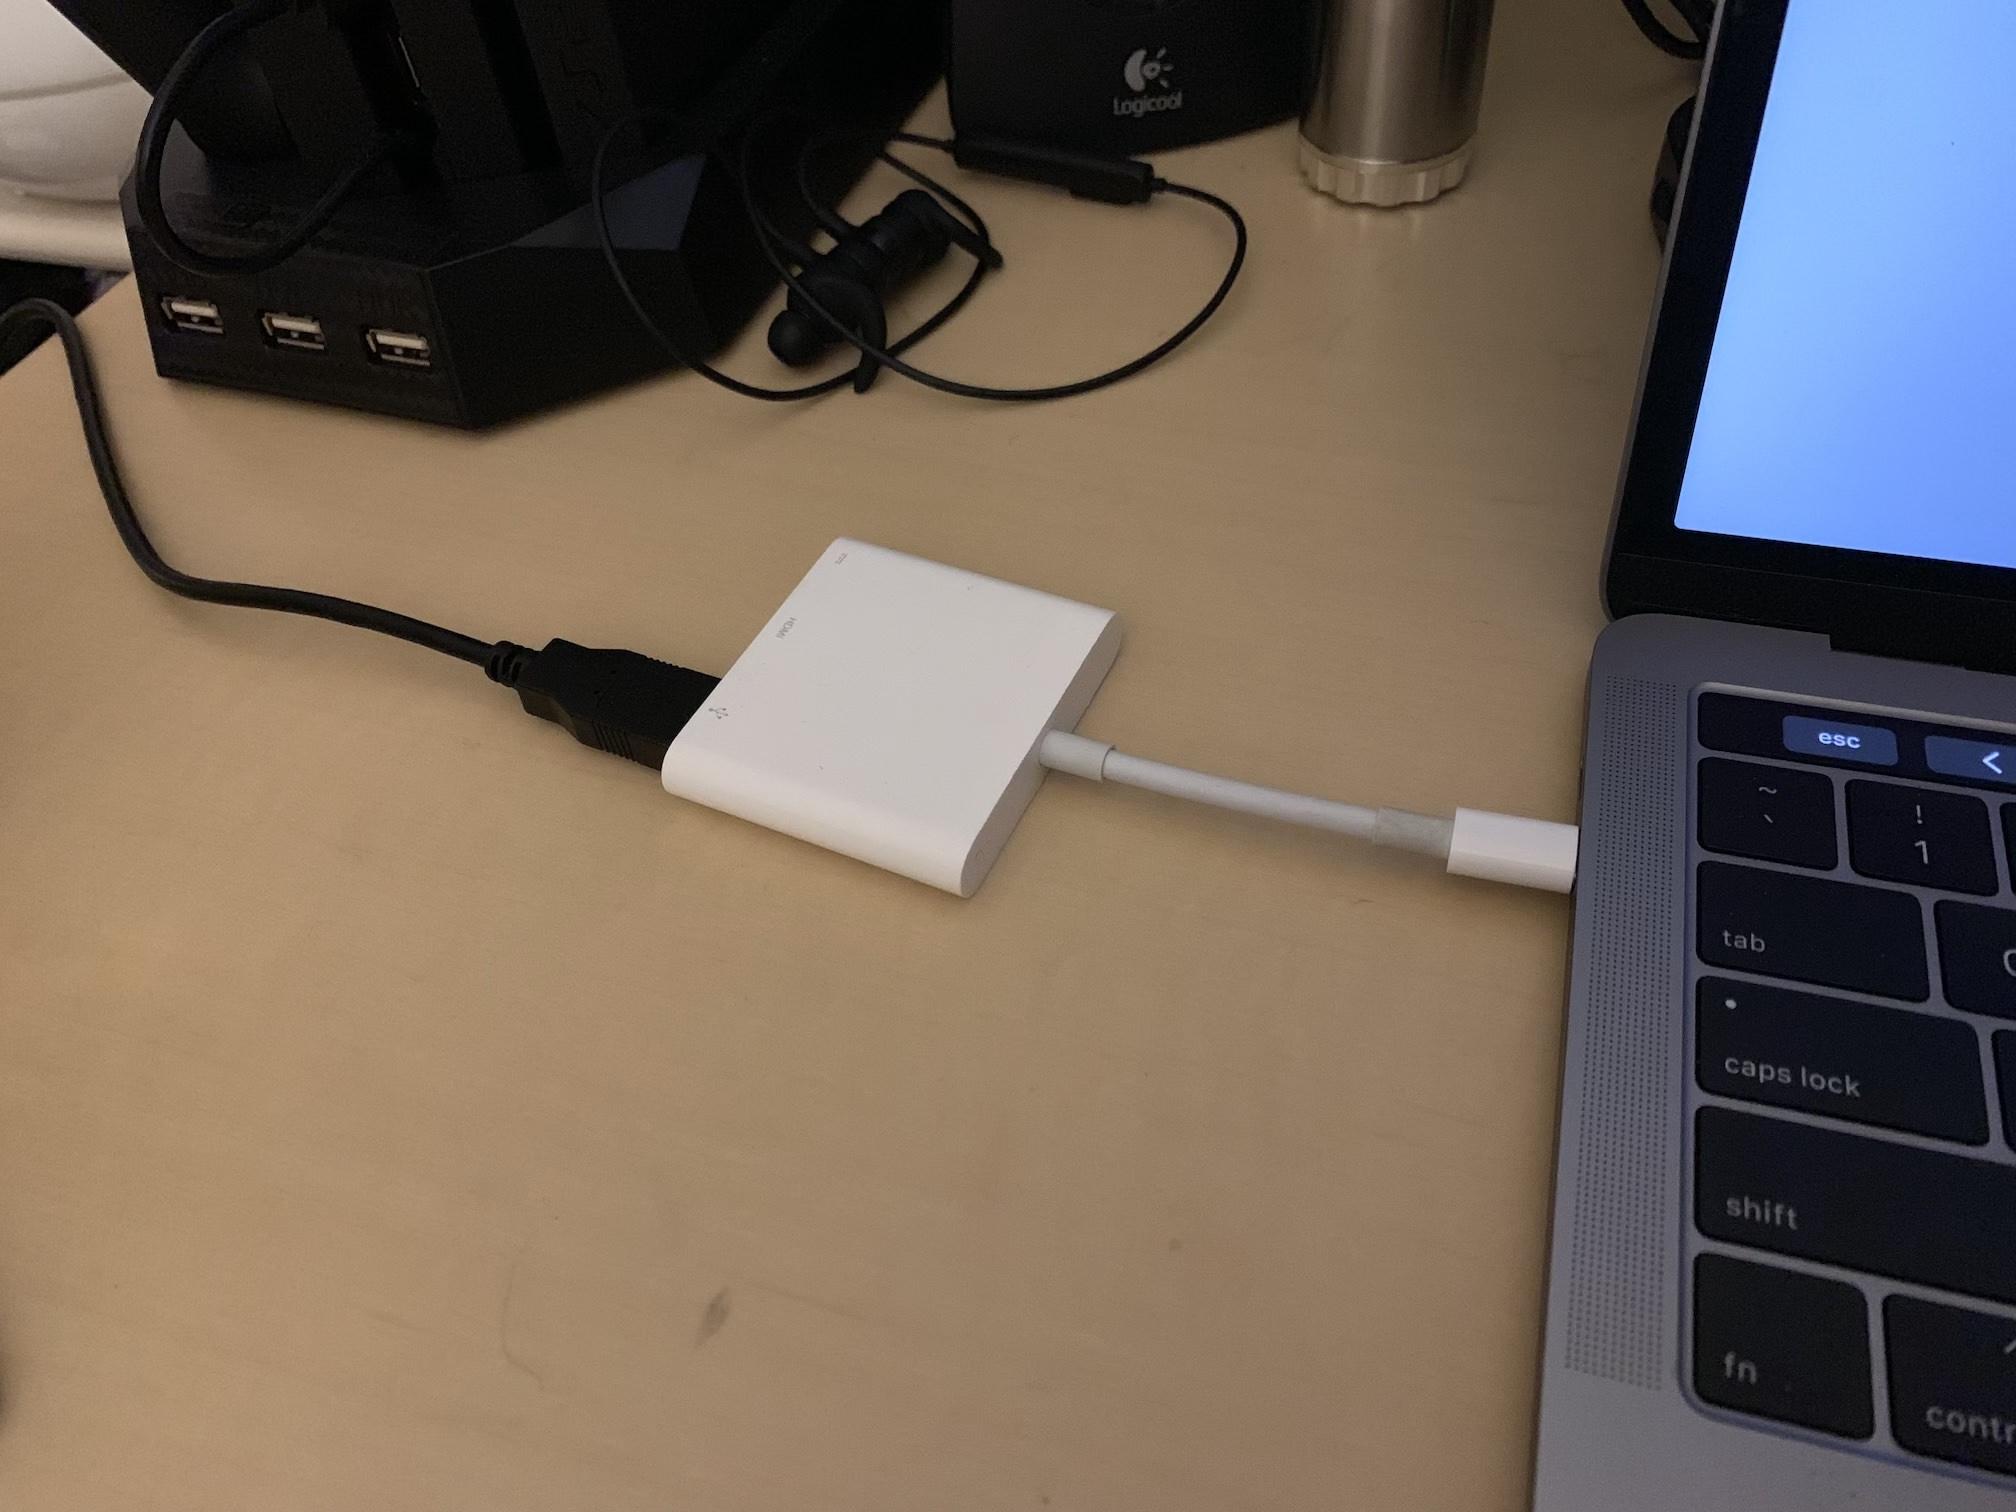 USB-C 変換アダプタ